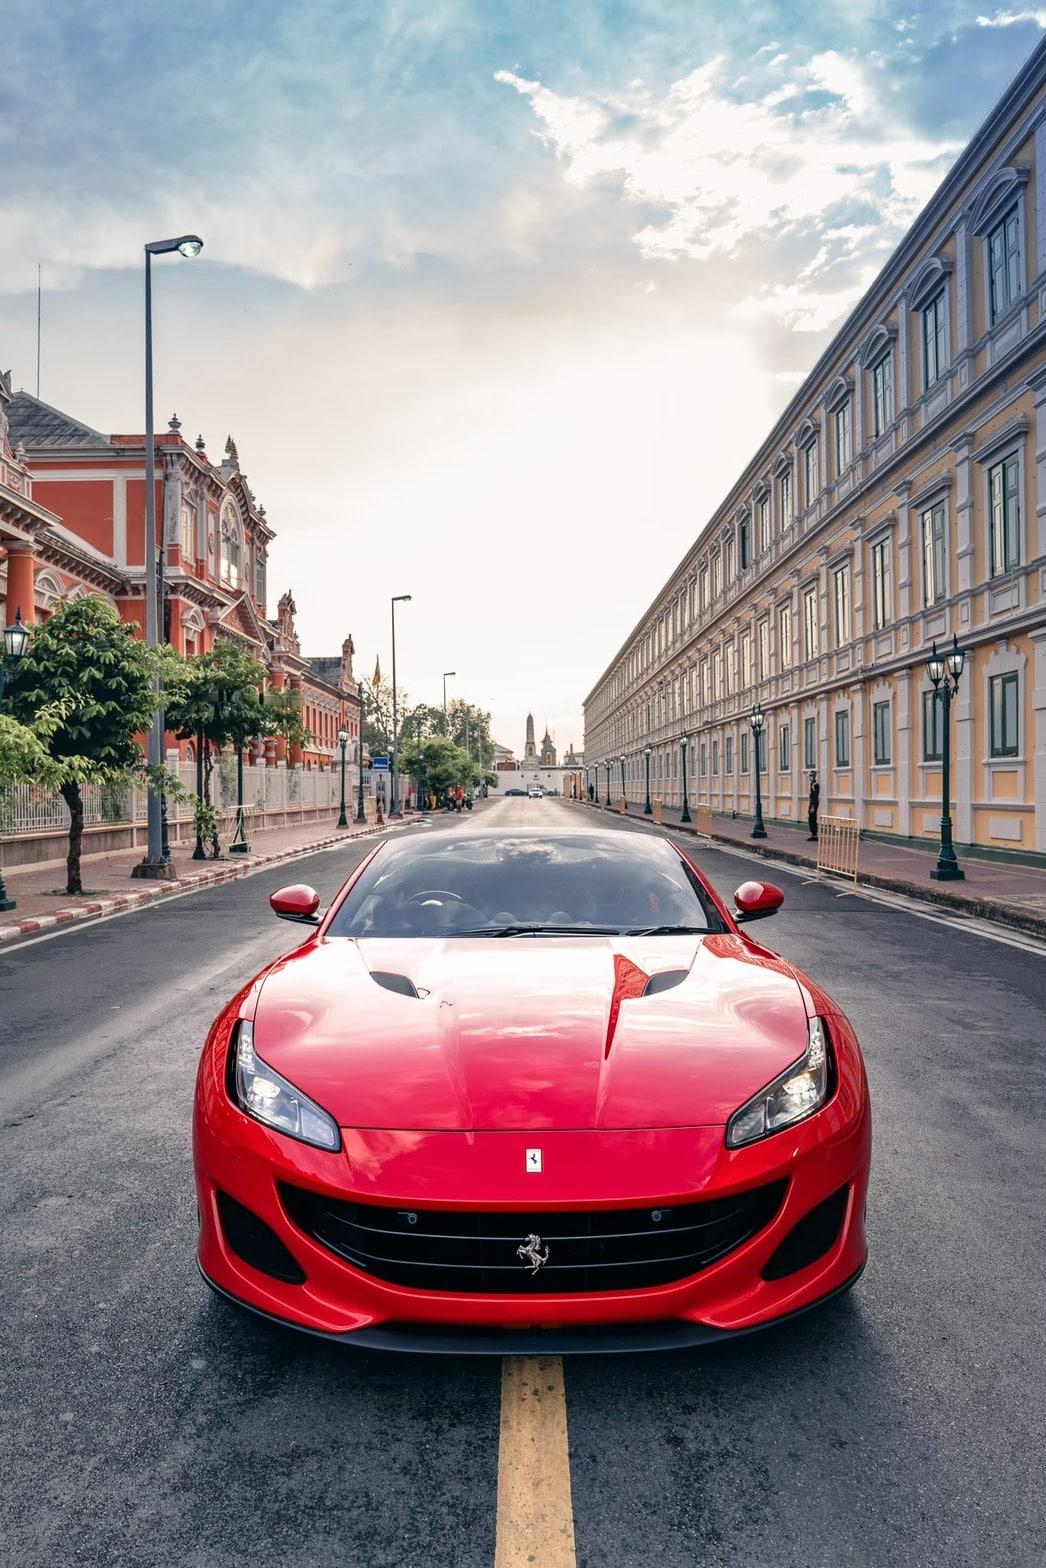 เช่ารถ Ferrari Portofino มุมมองด้านหน้า